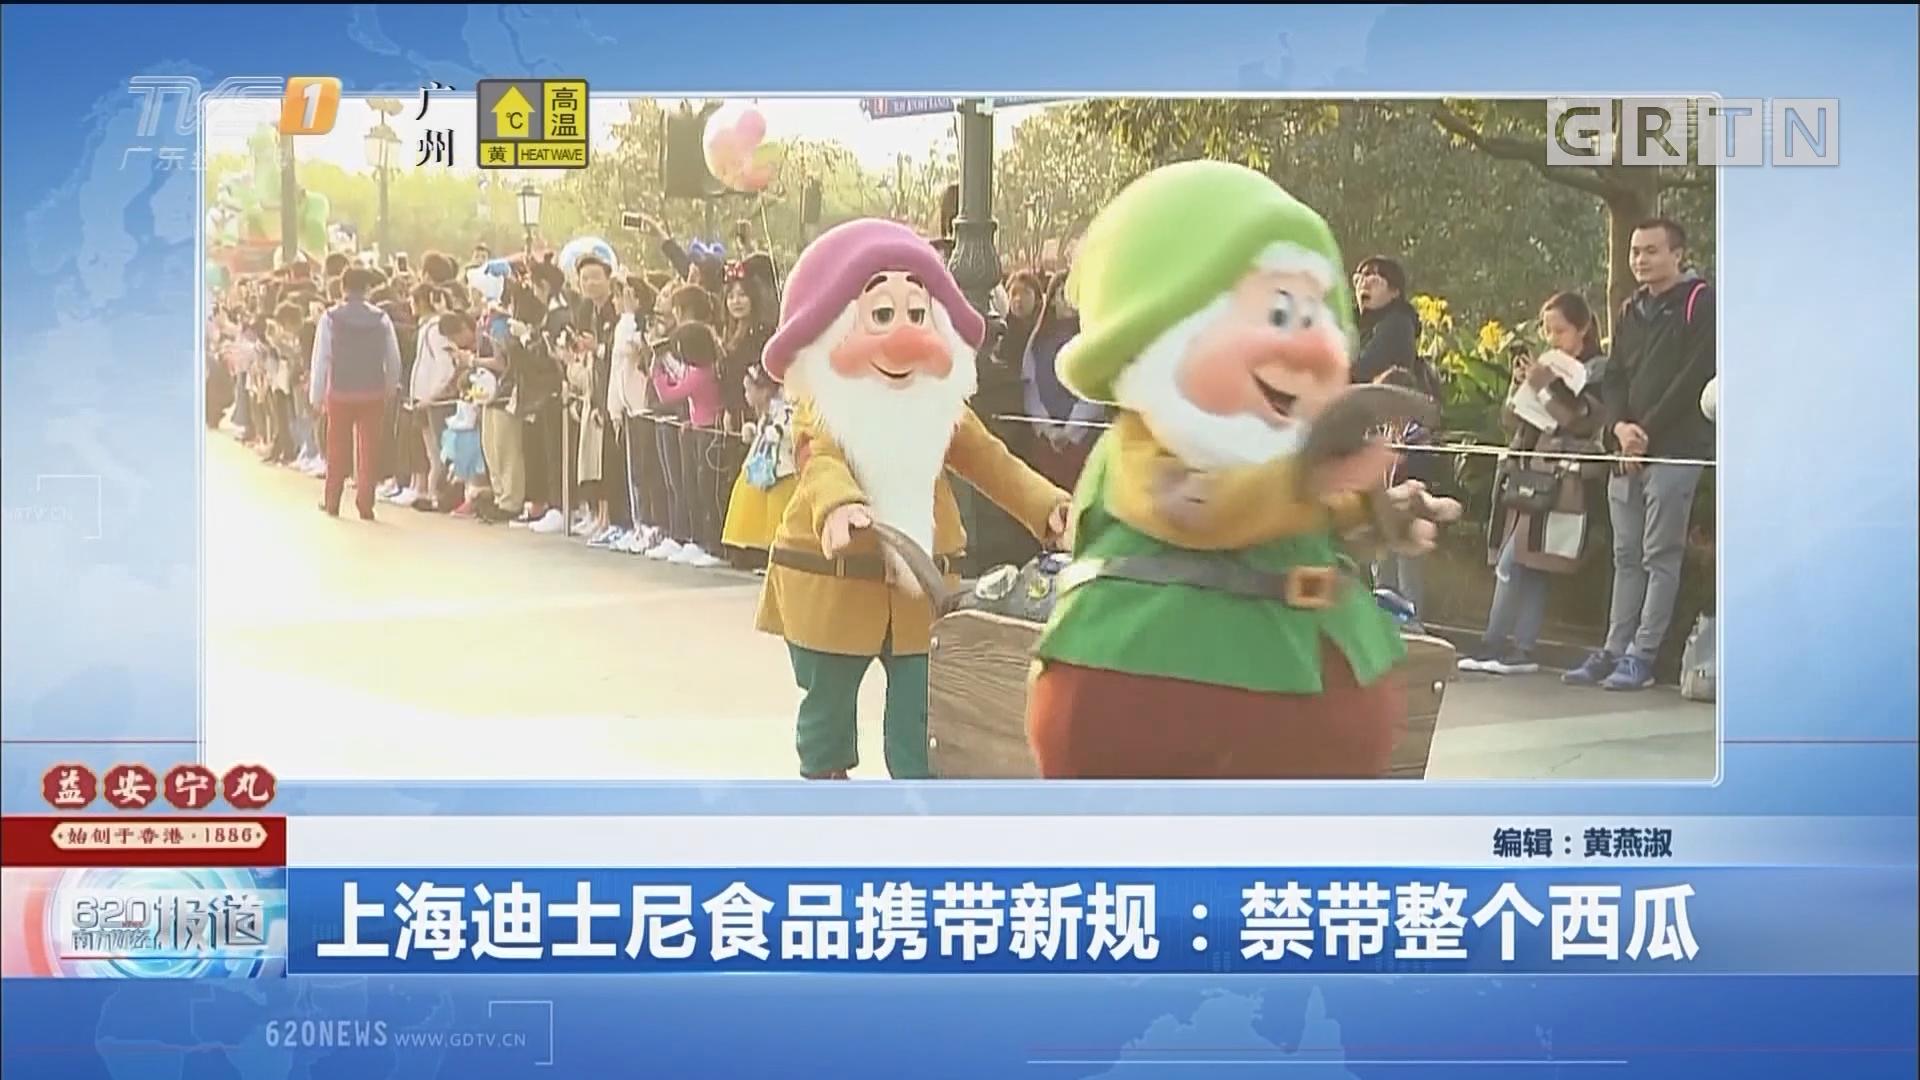 上海迪士尼食品携带新规:禁带整个西瓜